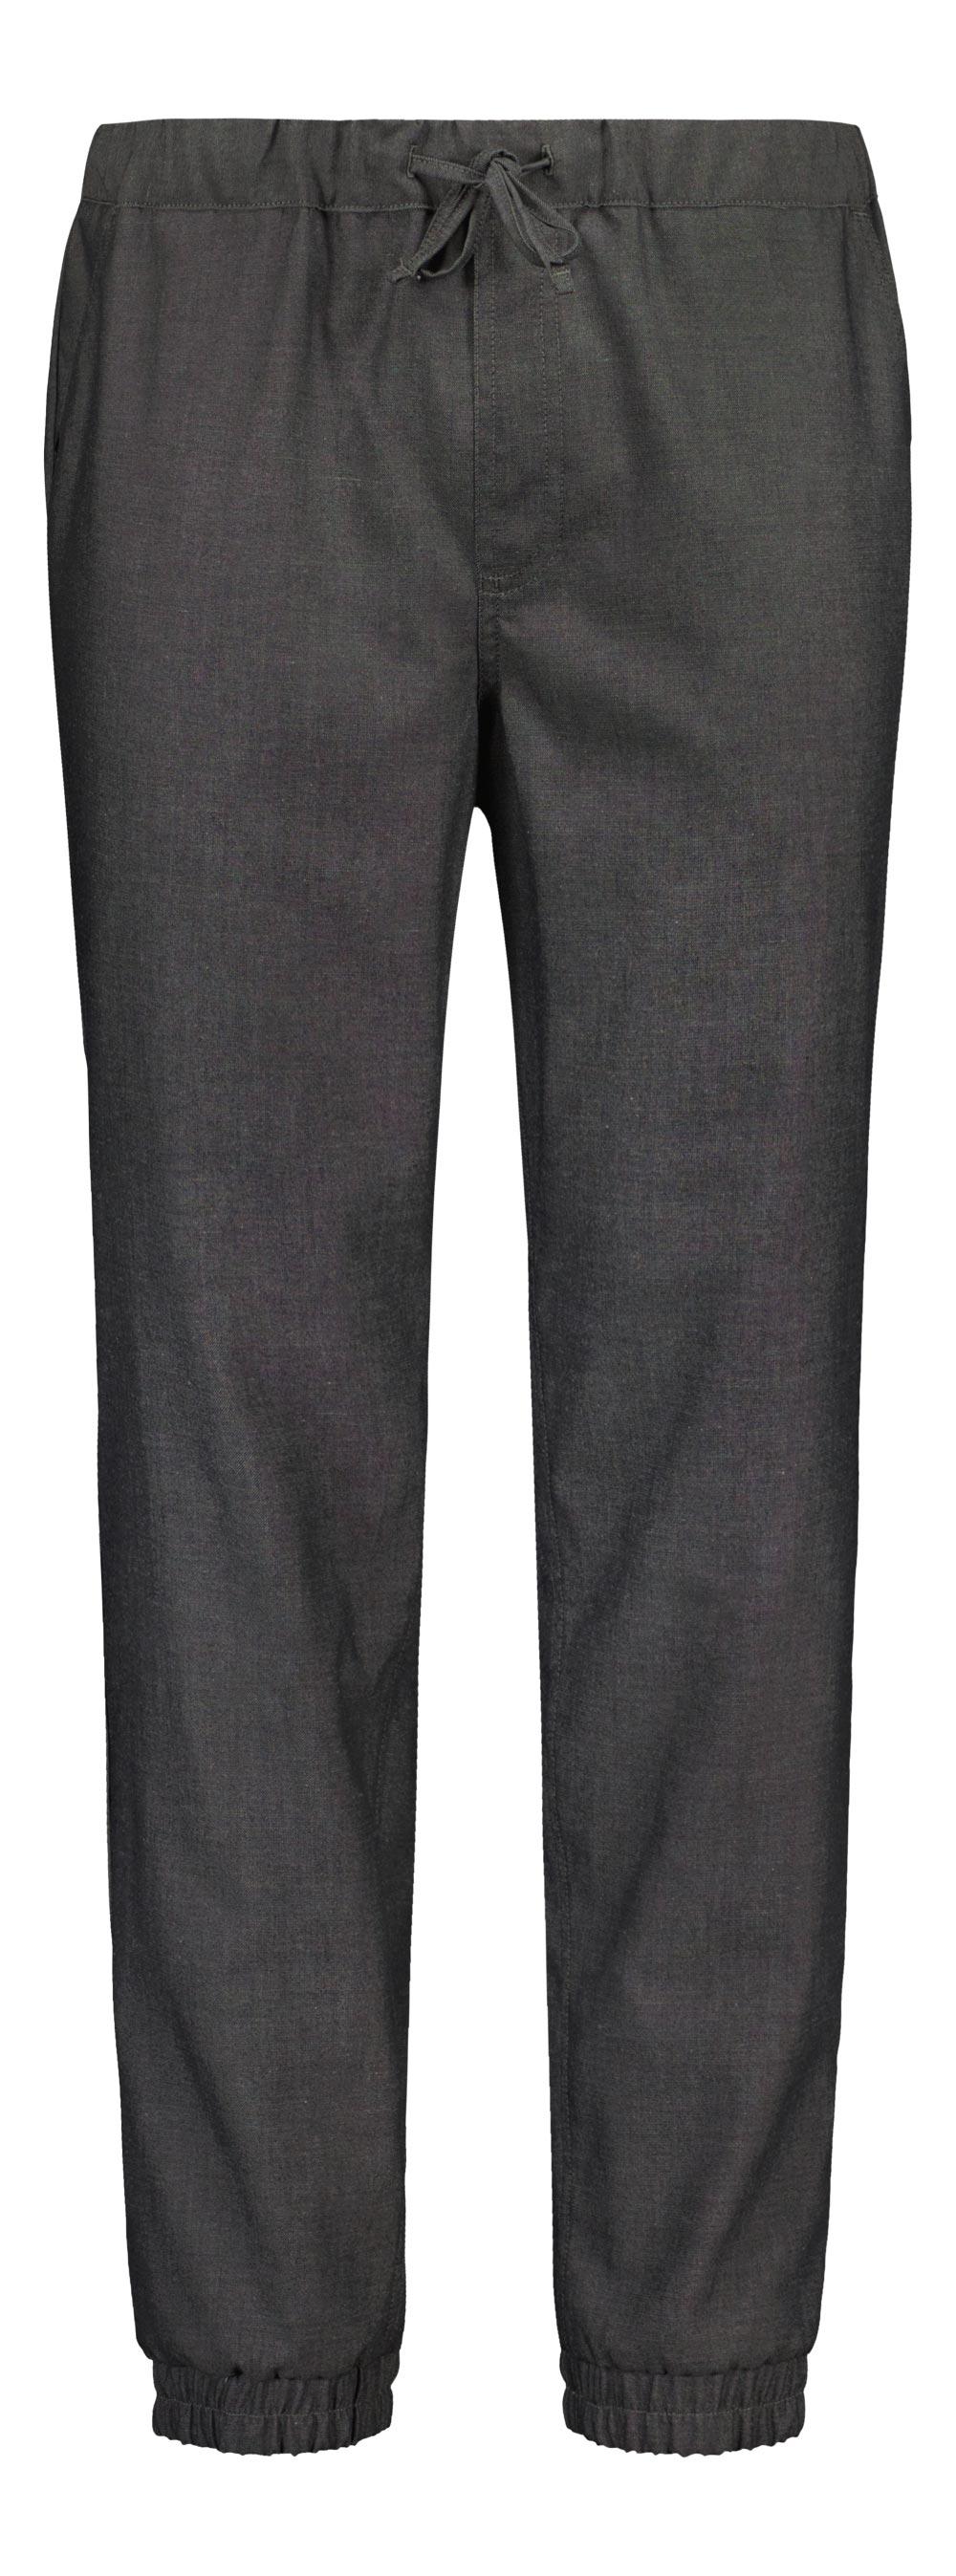 Robi housut, unisex, harmaa